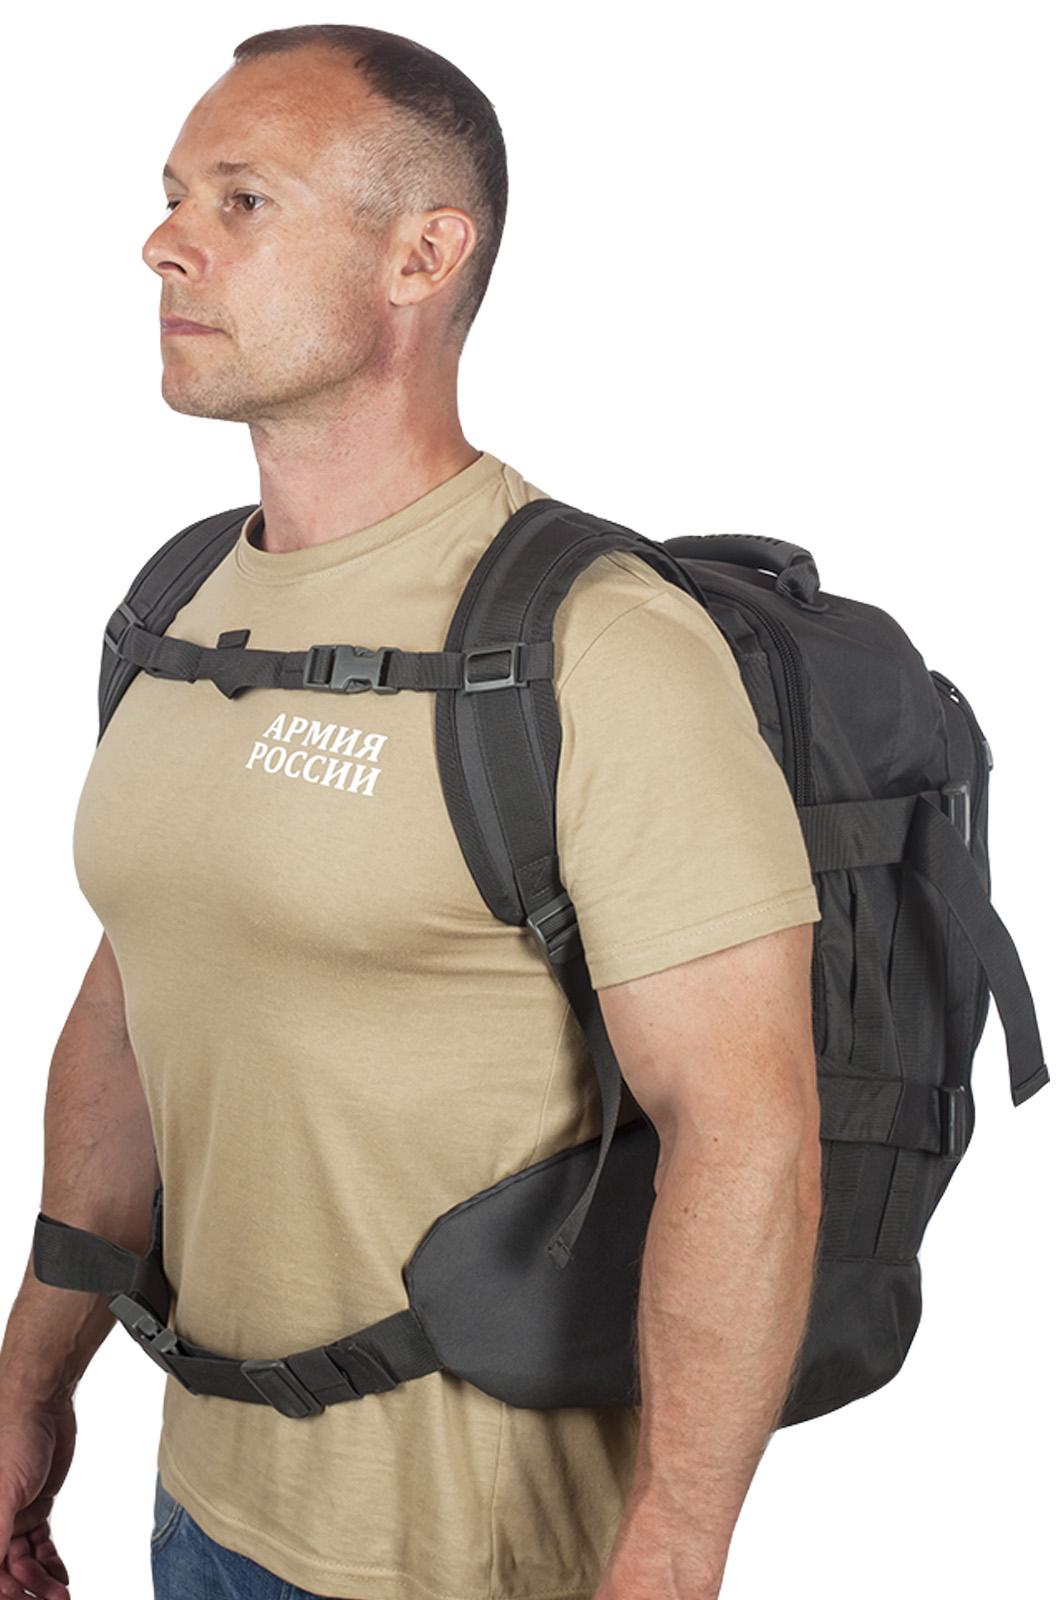 Мужской универсальный рюкзак ДПС - заказать онлайн